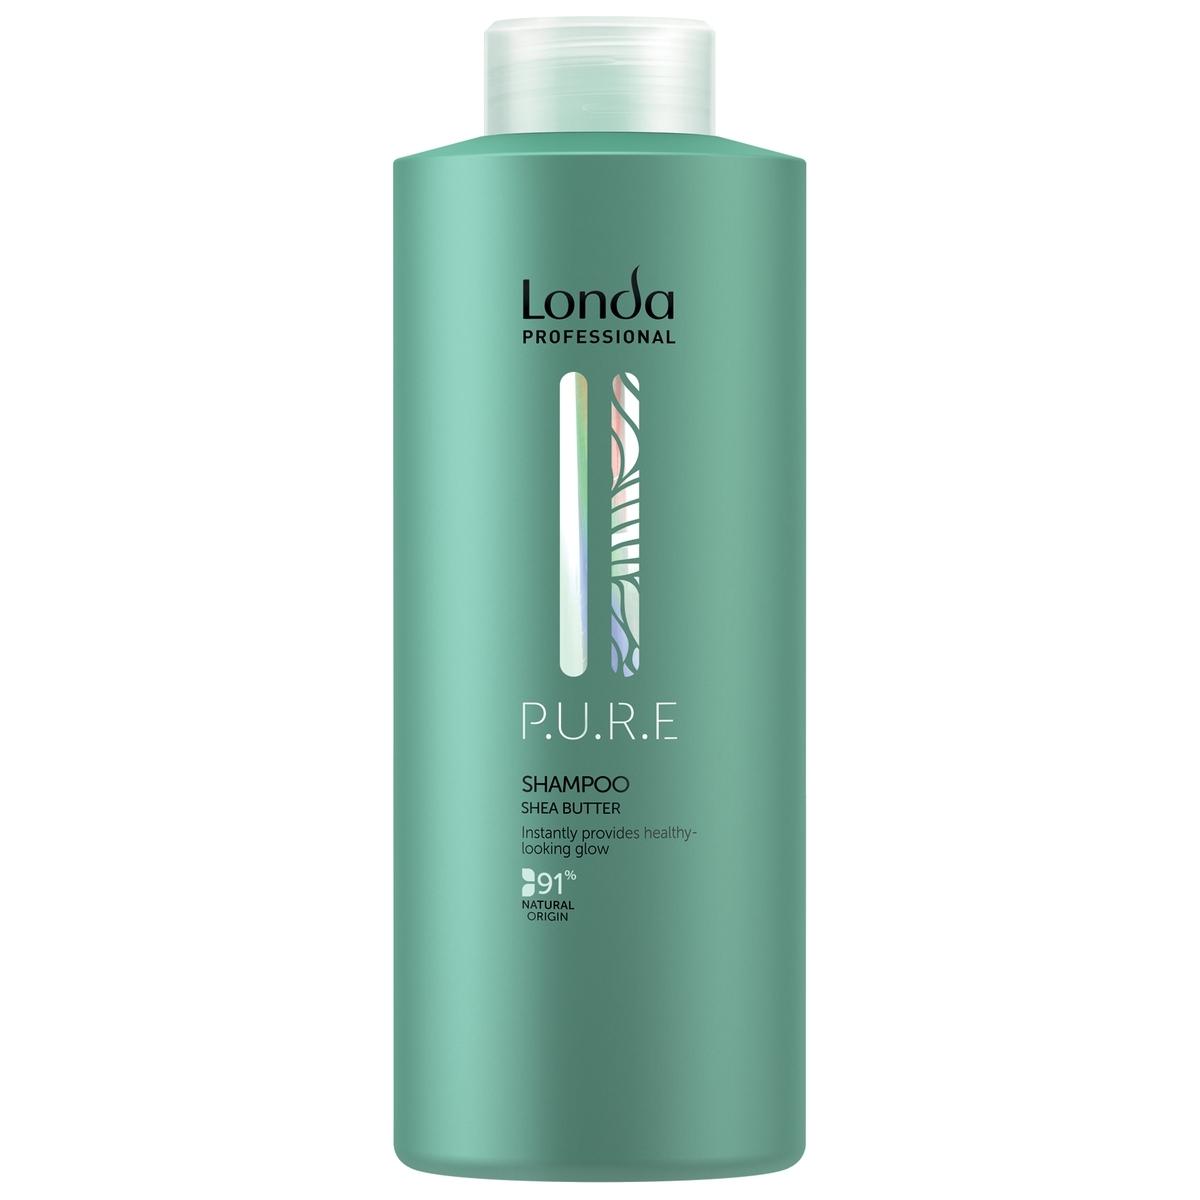 Шампунь для волос Londa Professional P.U.R.E, 1000 мл